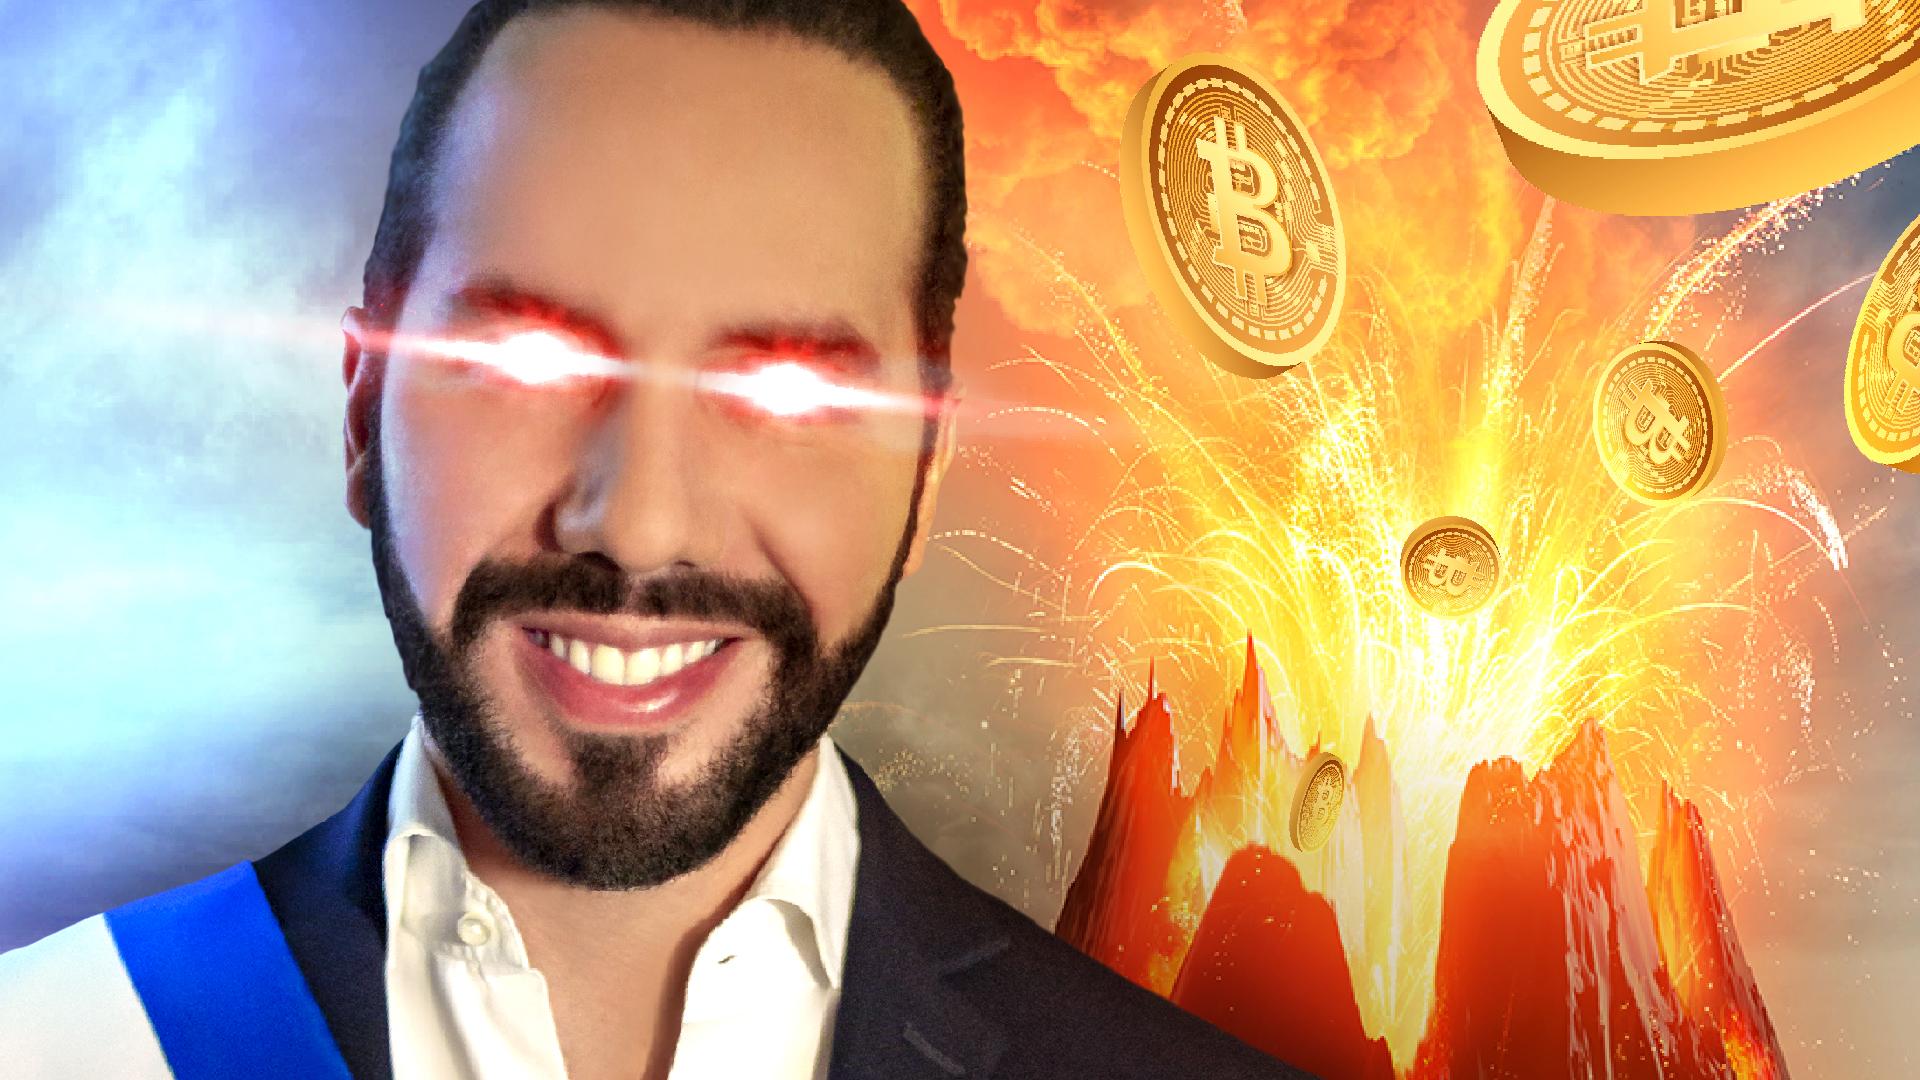 YouTube: BITCOIN wird Geld - der Vulkan explodiert! (Politik in Angst und Panik)